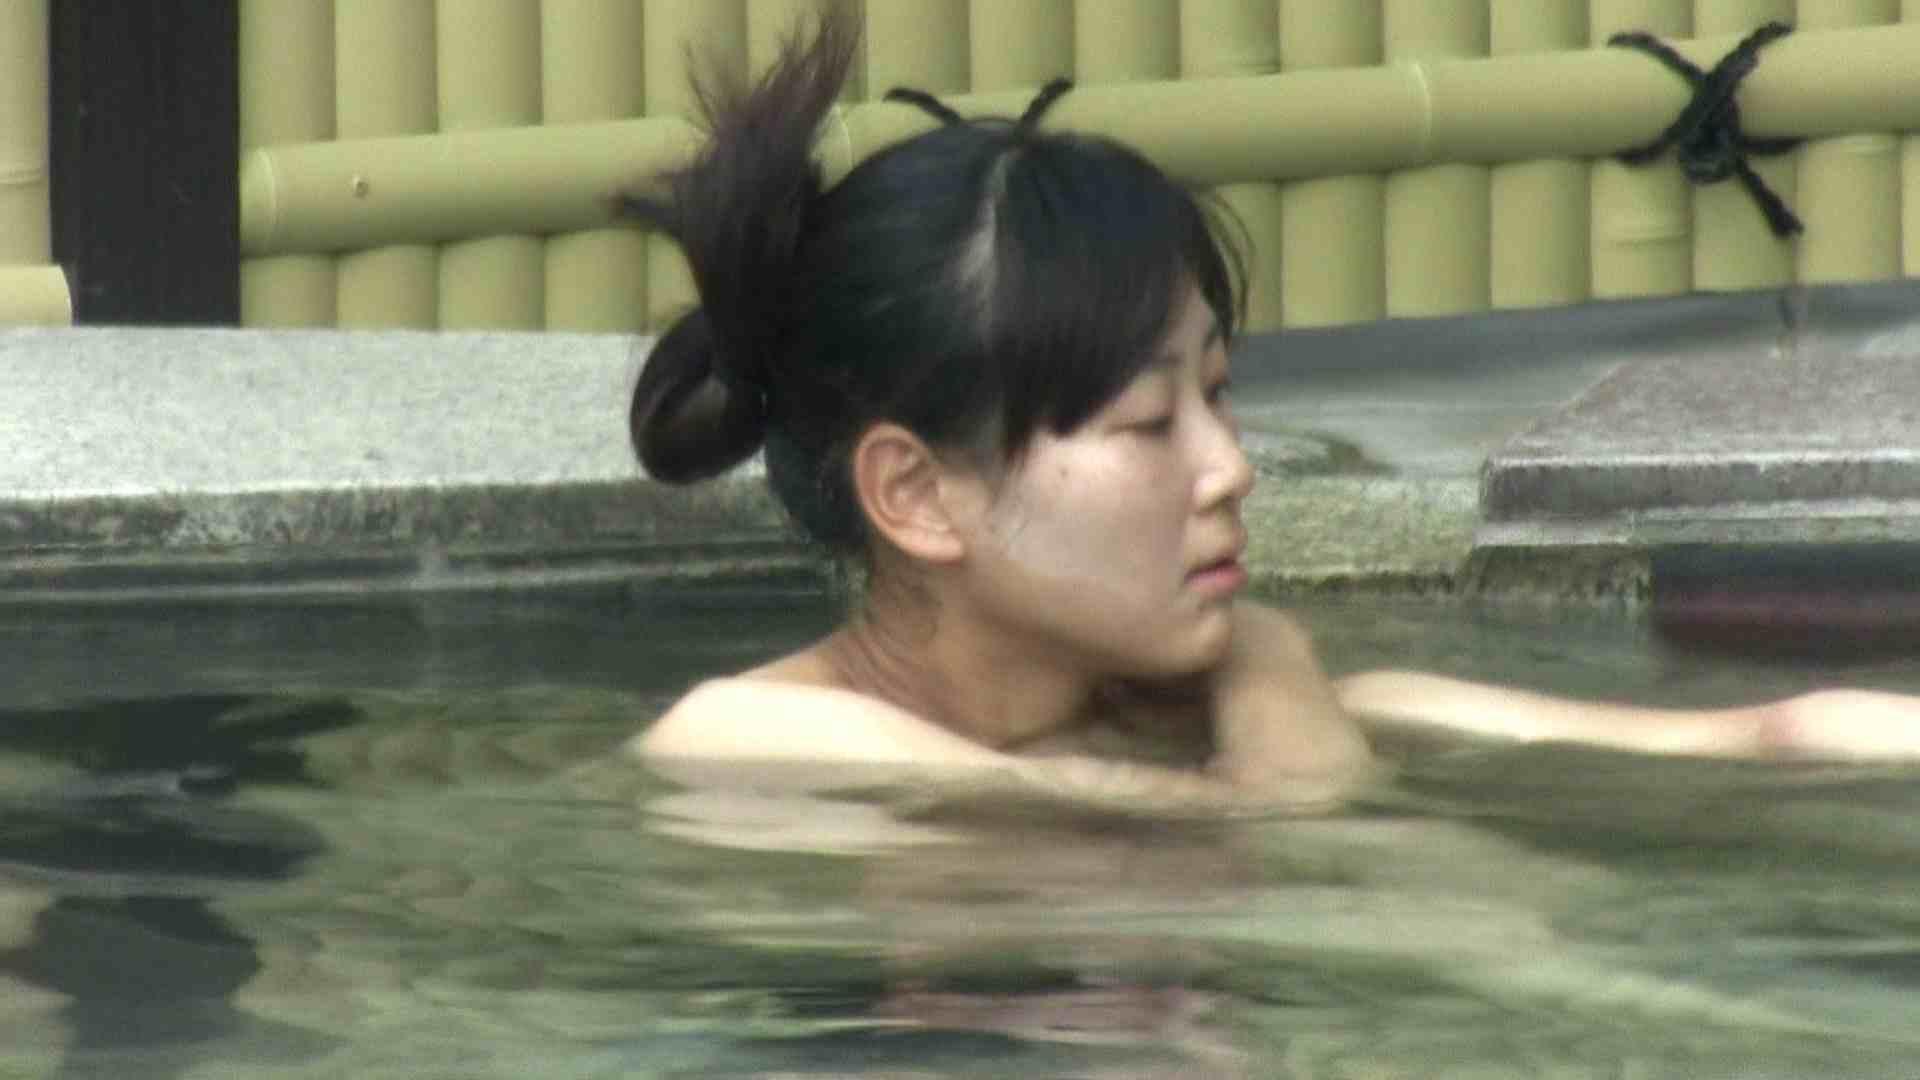 Aquaな露天風呂Vol.665 露天  110Pix 28